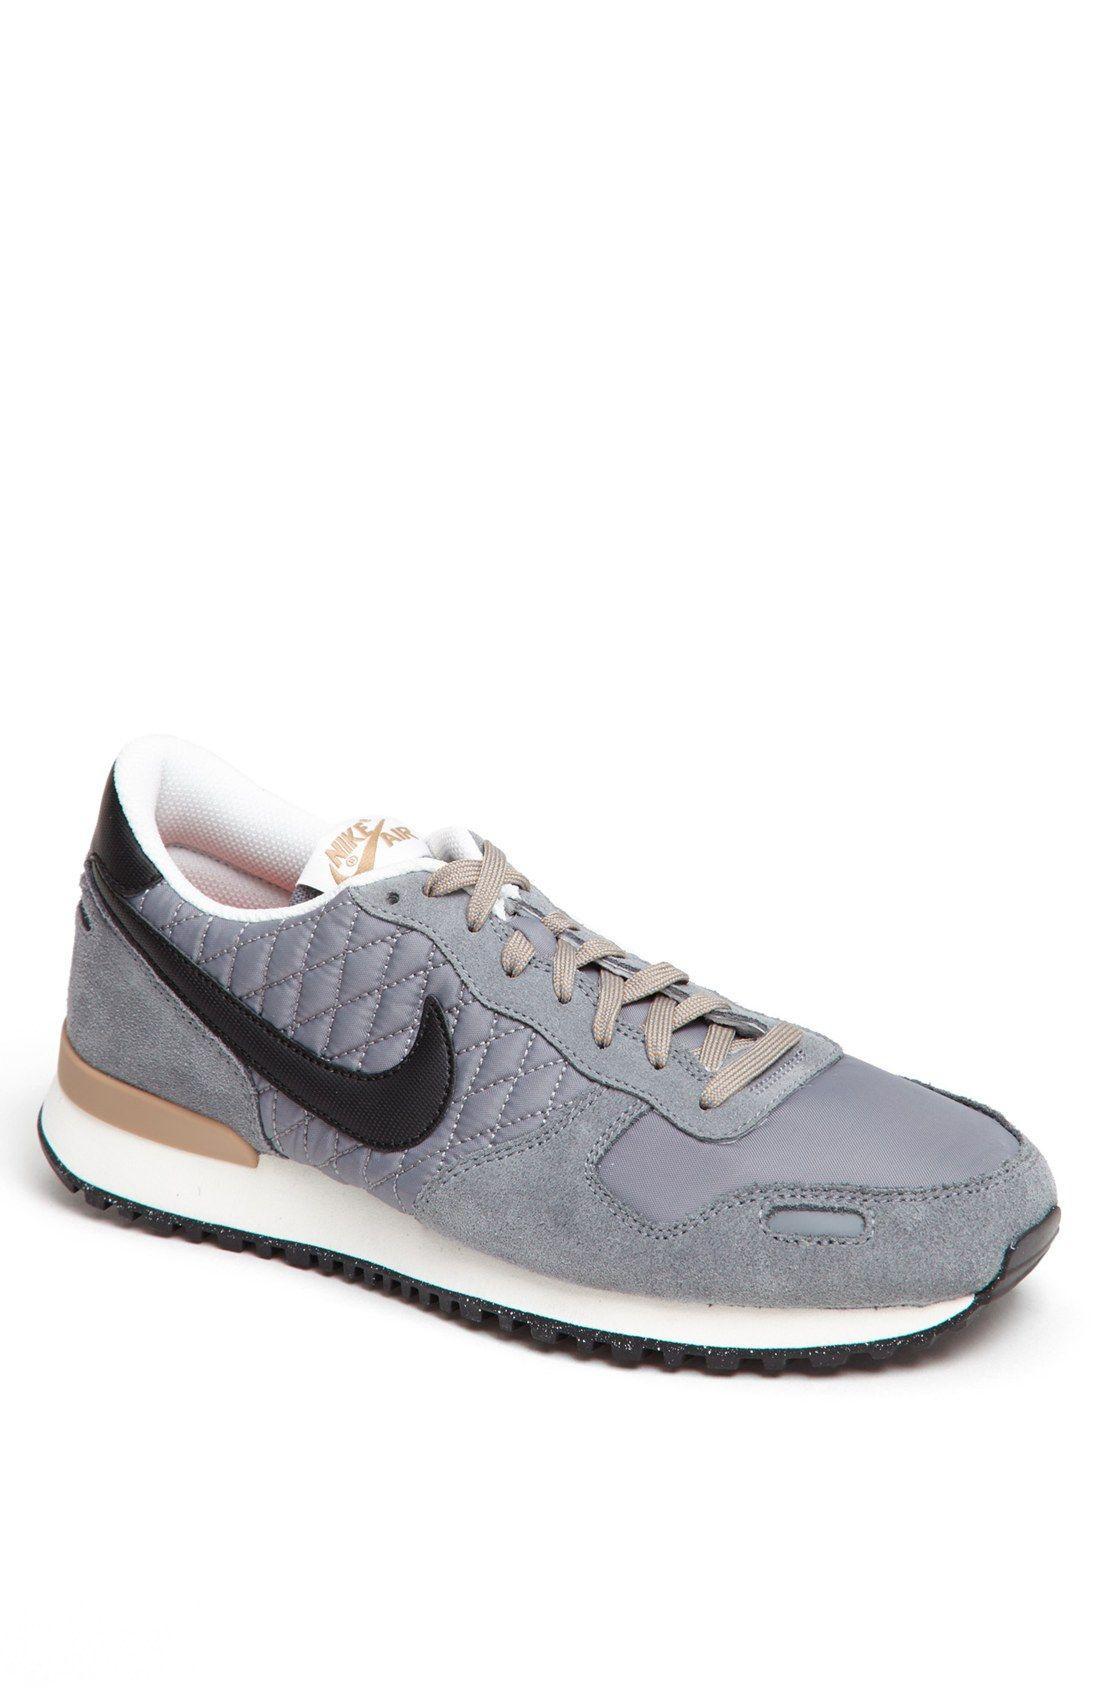 Retro Nikes.  7cf041fd6610